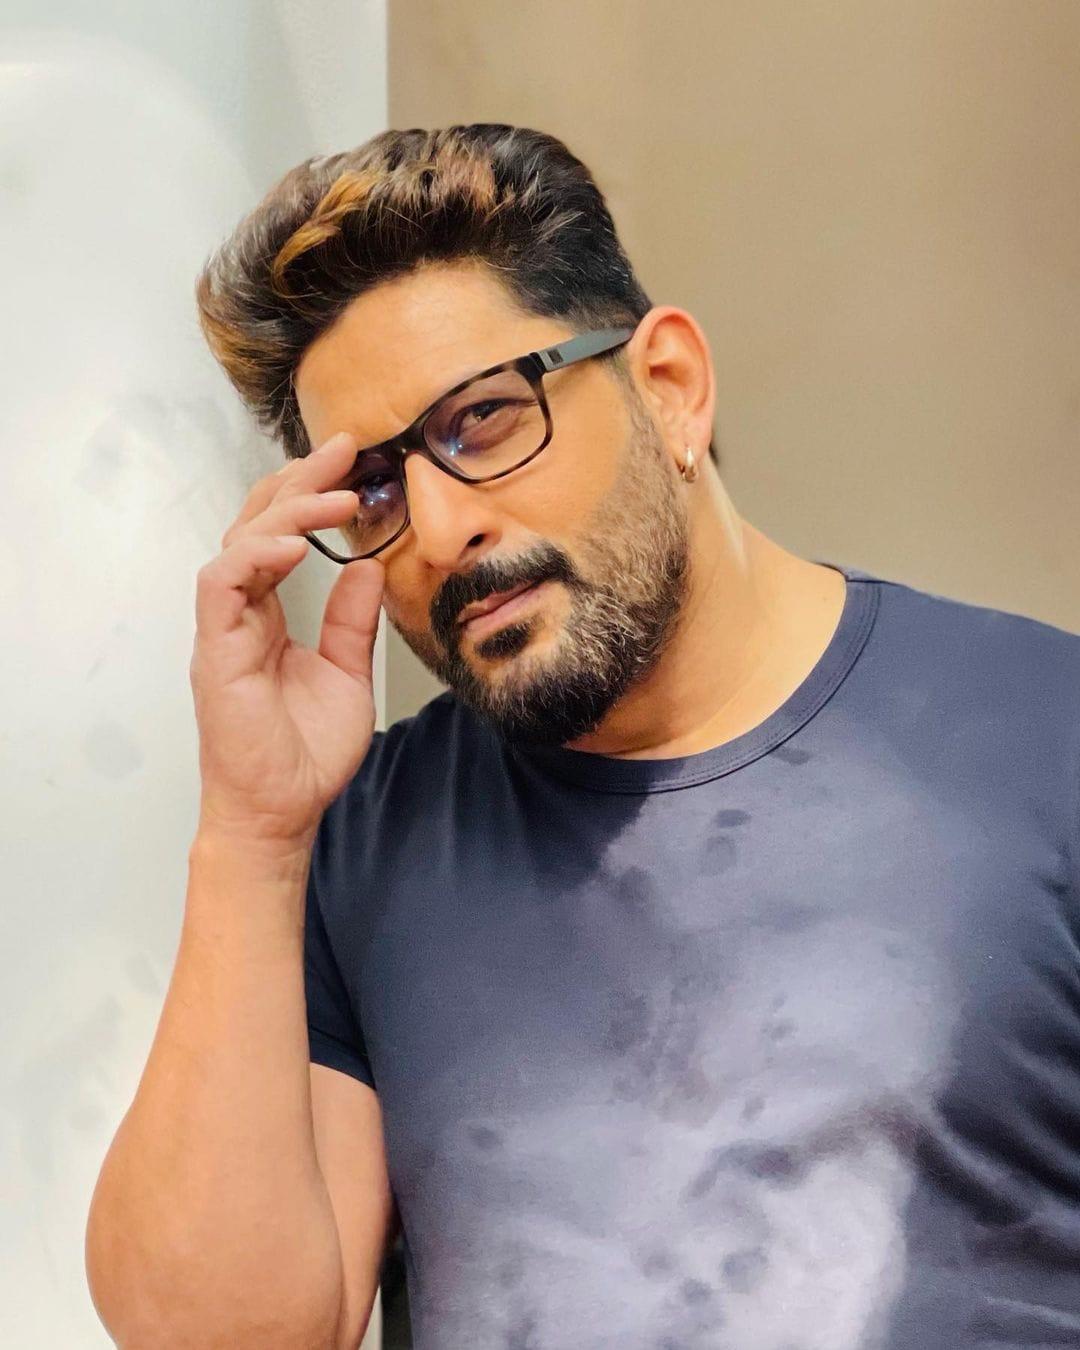 अरशद वारसी अपने कॉमेडी से दर्शकों का खूब मनोरंजन करते हैं. यूं तो उन्होंने कई फिल्में की हैं लेकिन संजय दत्त के साथ आई फिल्म 'मुन्नाभाई एमबीबीएस' से असली पहचान मिली. (फोटो साभार: arshad_warsi/Instagram)